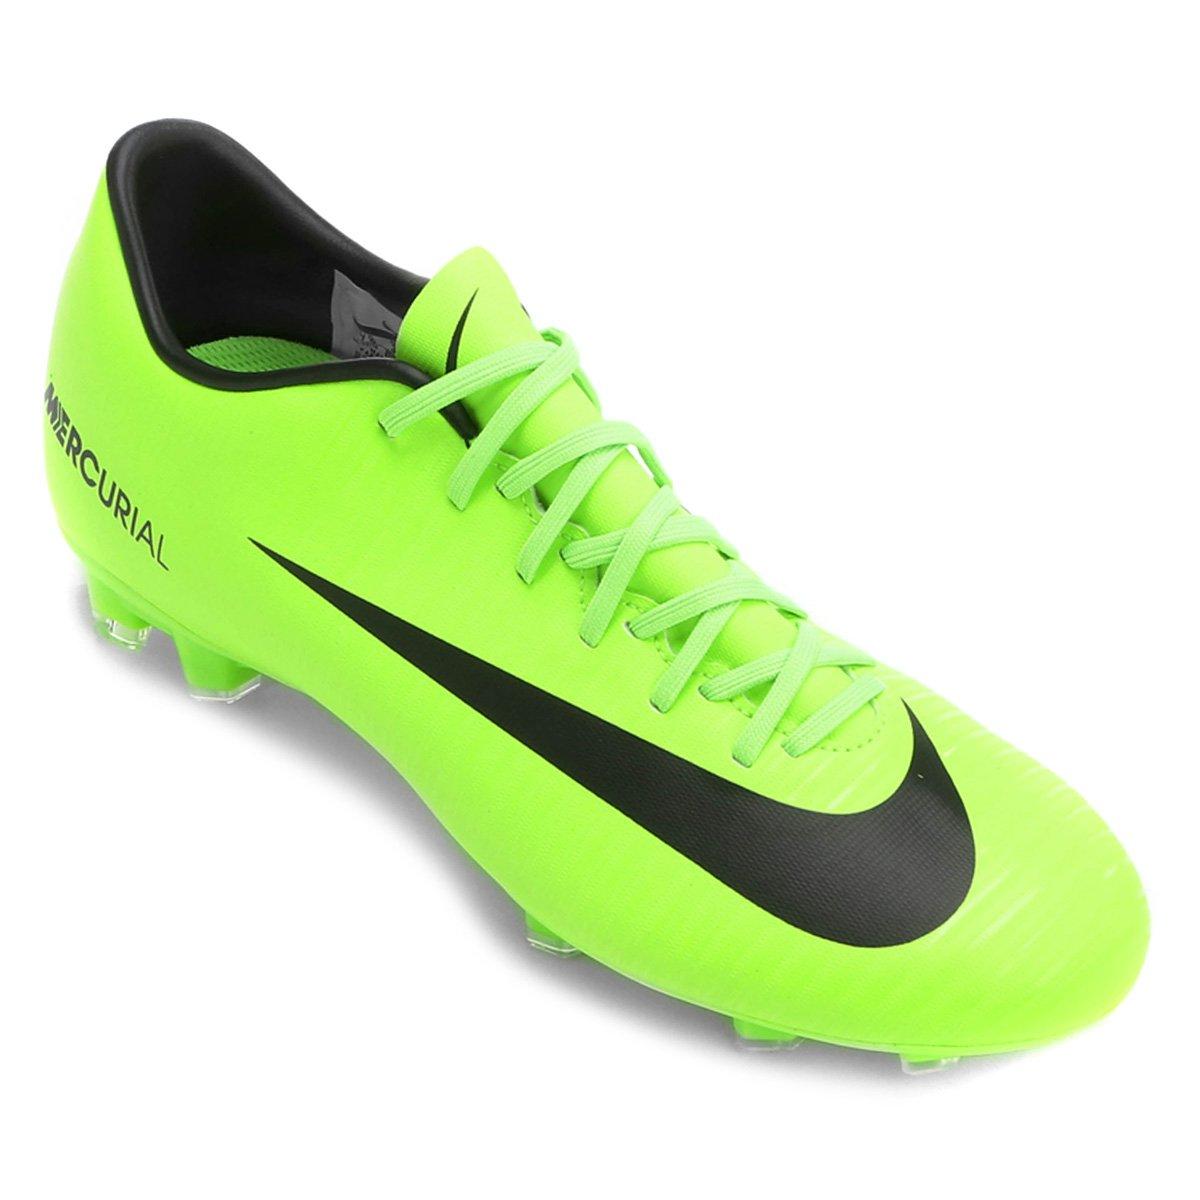 Chuteira Campo Nike Mercurial Victory 6 FG - Compre Agora  ad3e00f4ce7cc